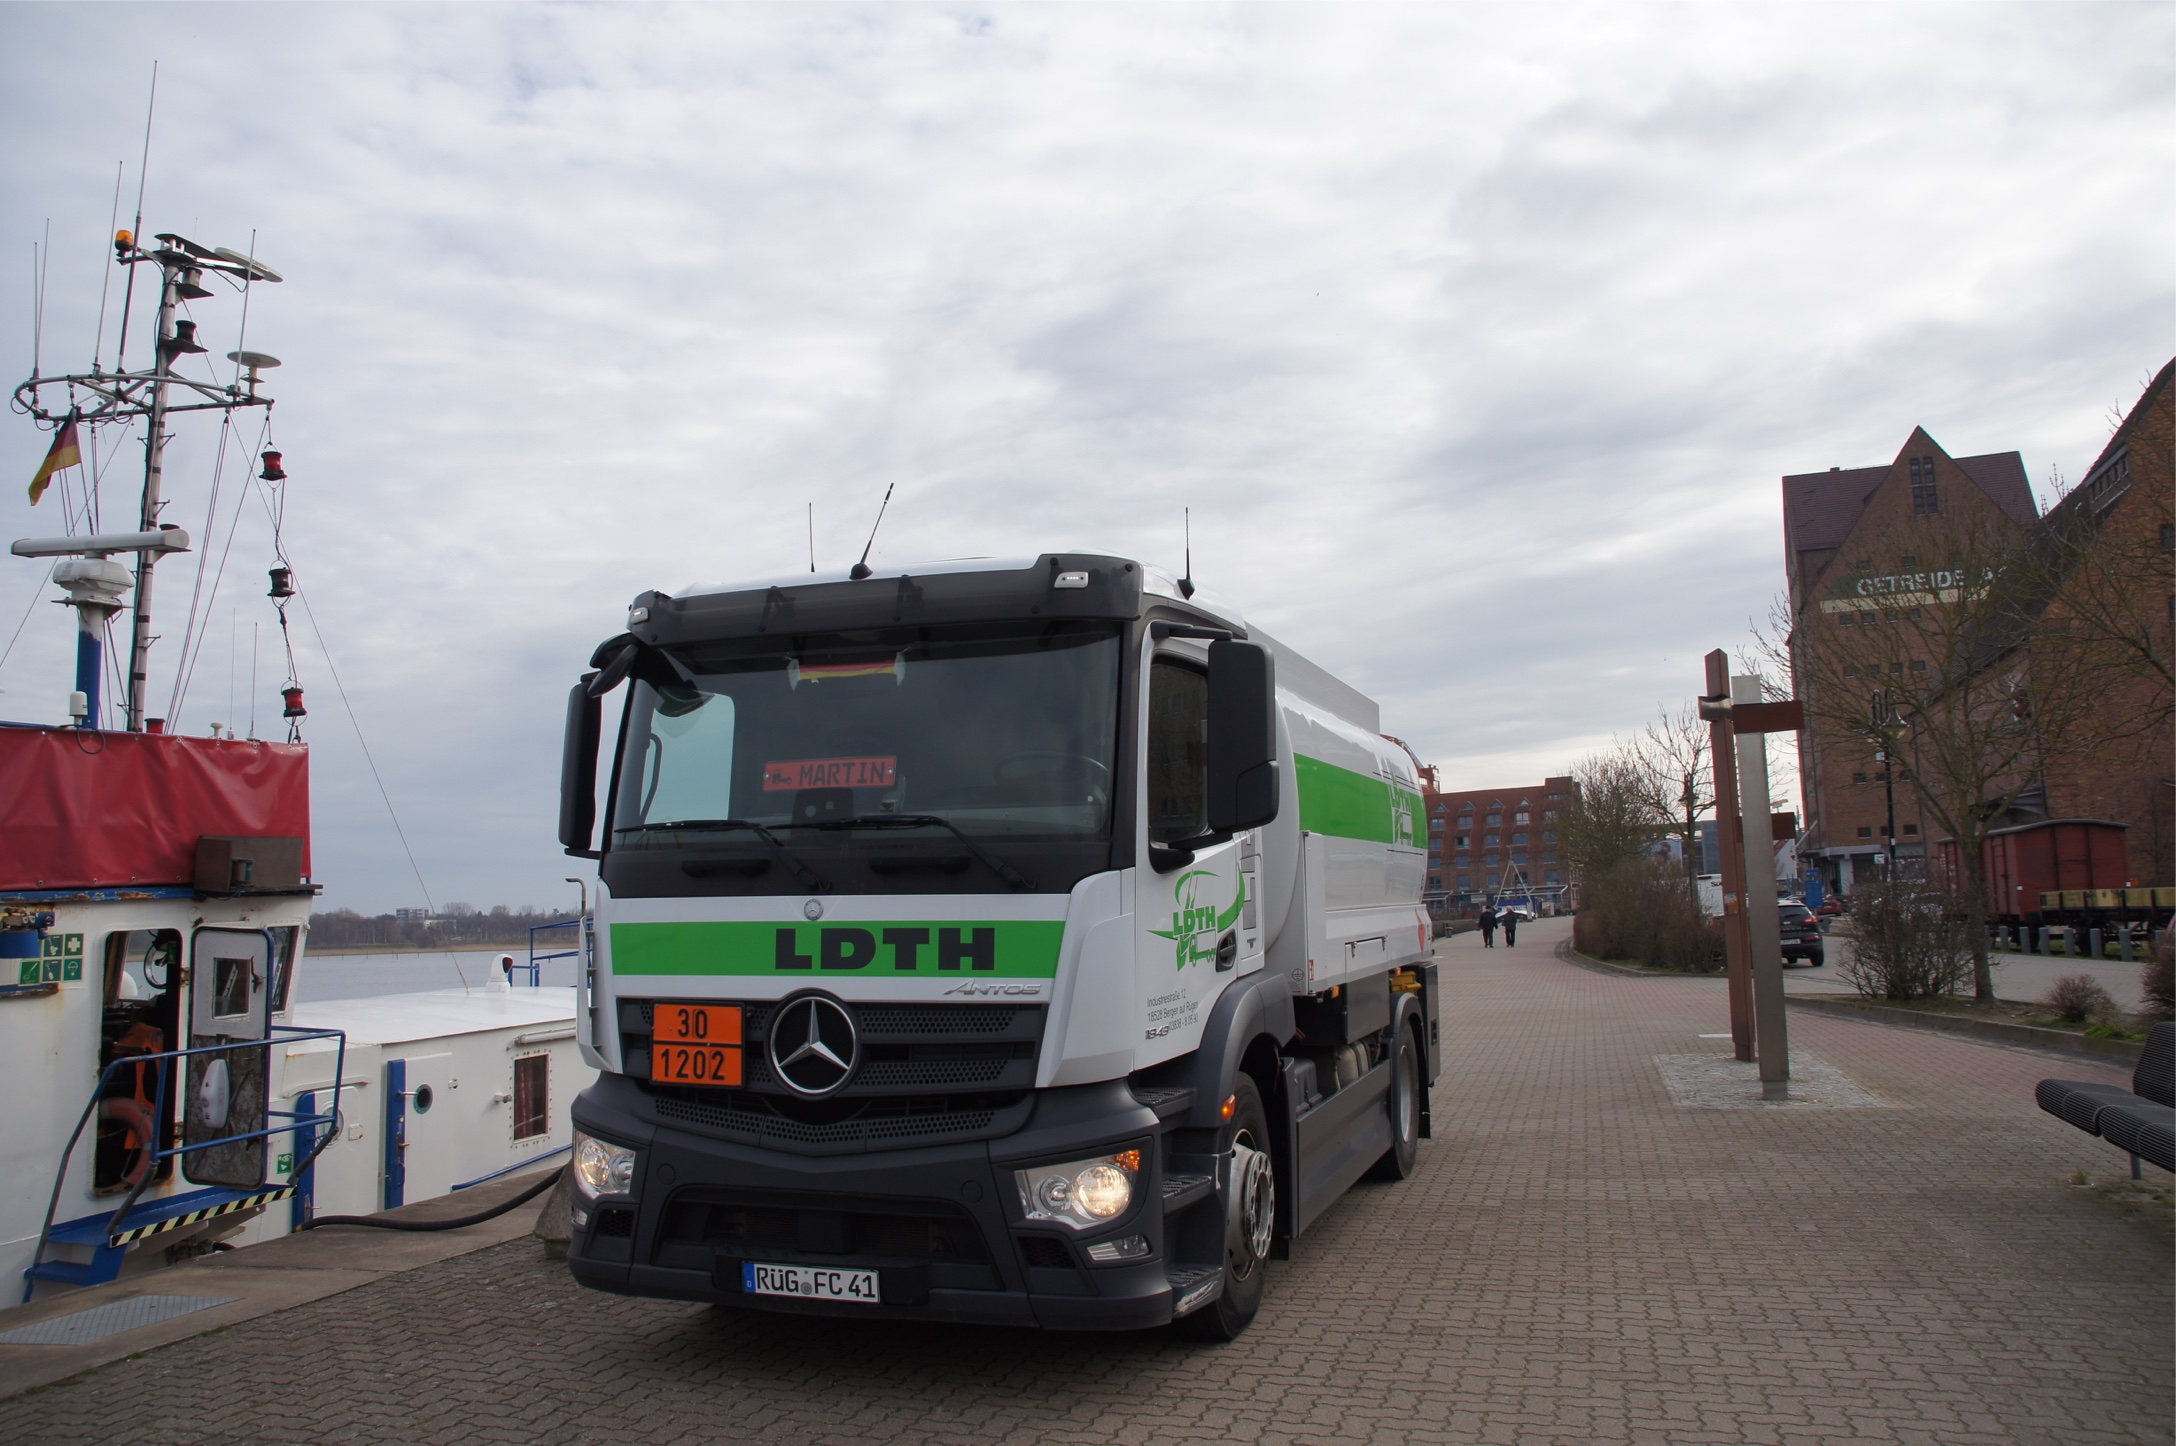 LDTH - Bunkeröl Gasöl Schiffsbetankung Ostsee Rügen Stralsund Rostock